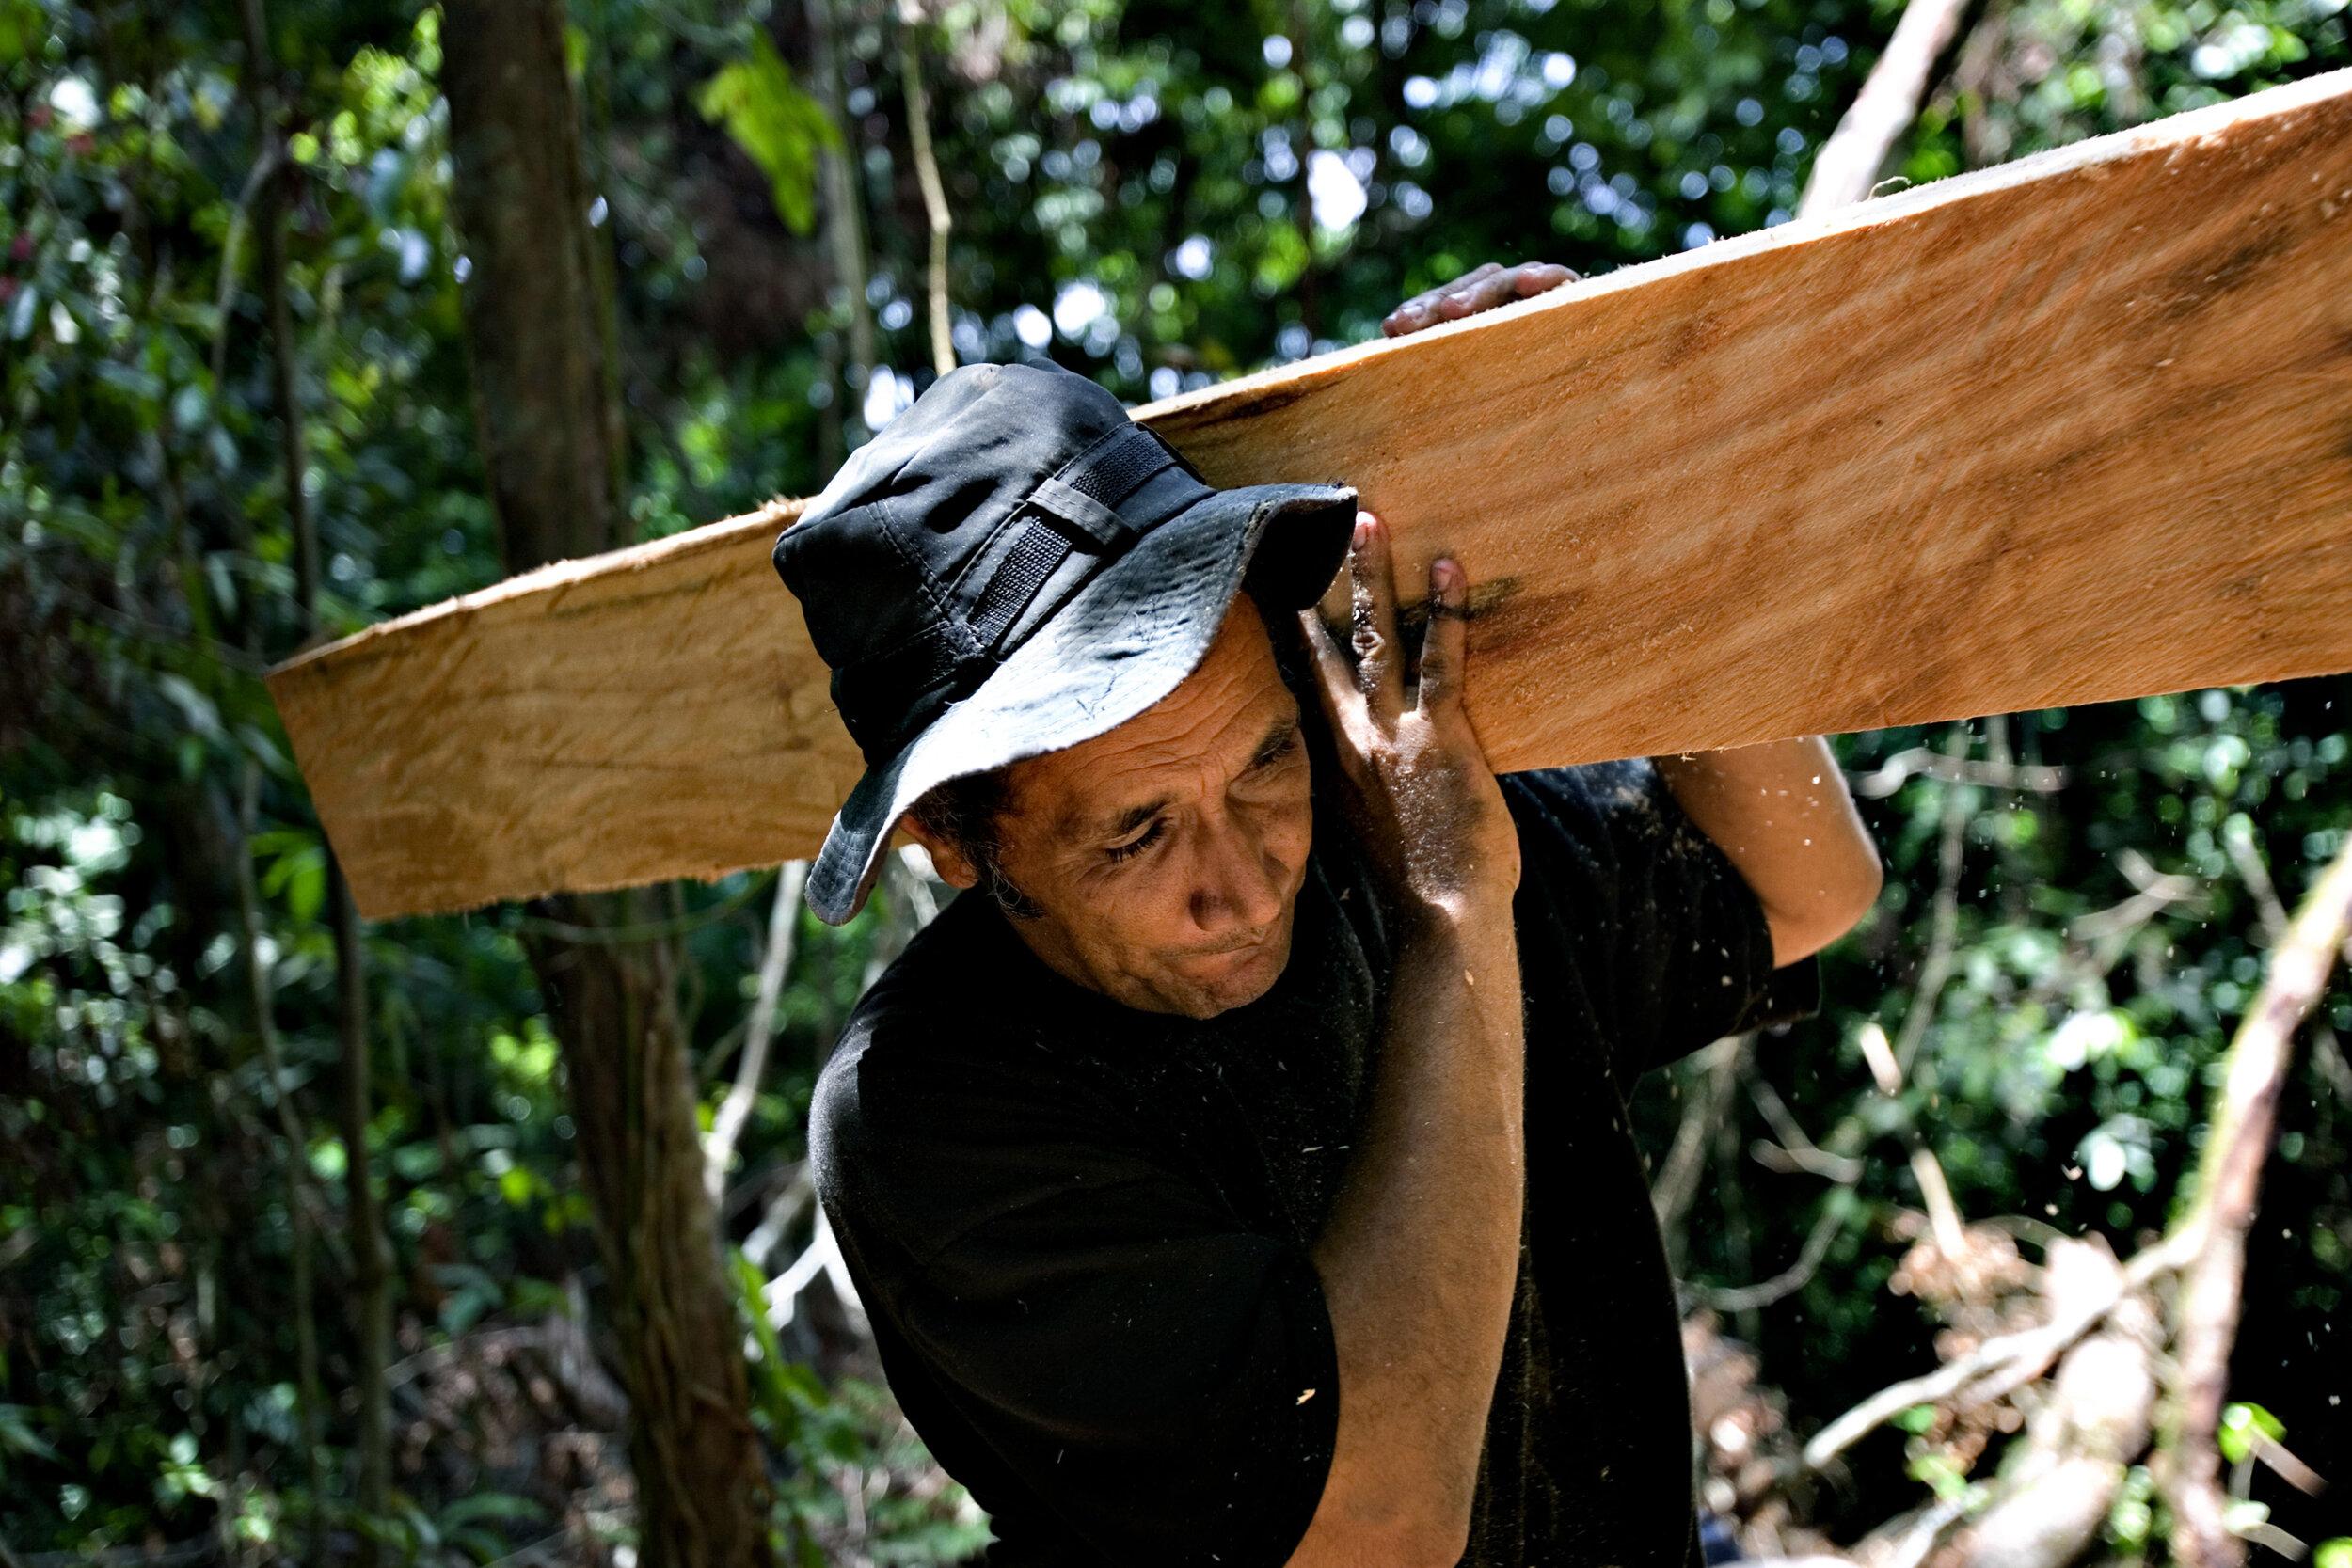 Carlos løfter tømmer - Miriam Dalsgaard.jpg